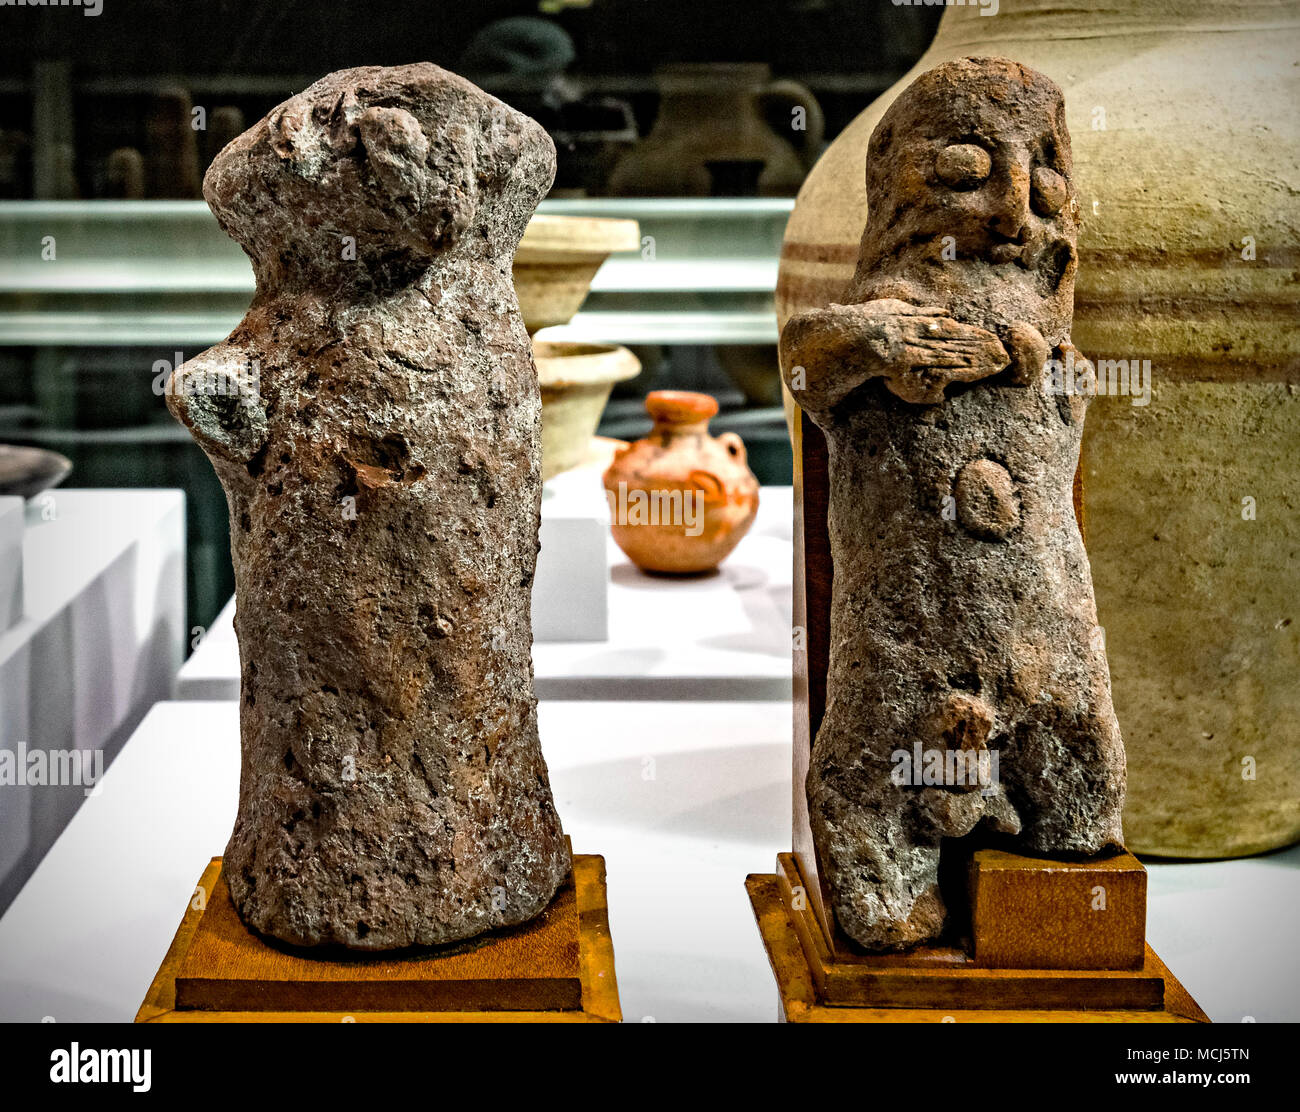 Piedmont Turin Polo Reale Museo di Antichità - Anthropomorphic statuettes  4th - 3th century B.C. from Tharros Oristano - Sardinia - Stock Image